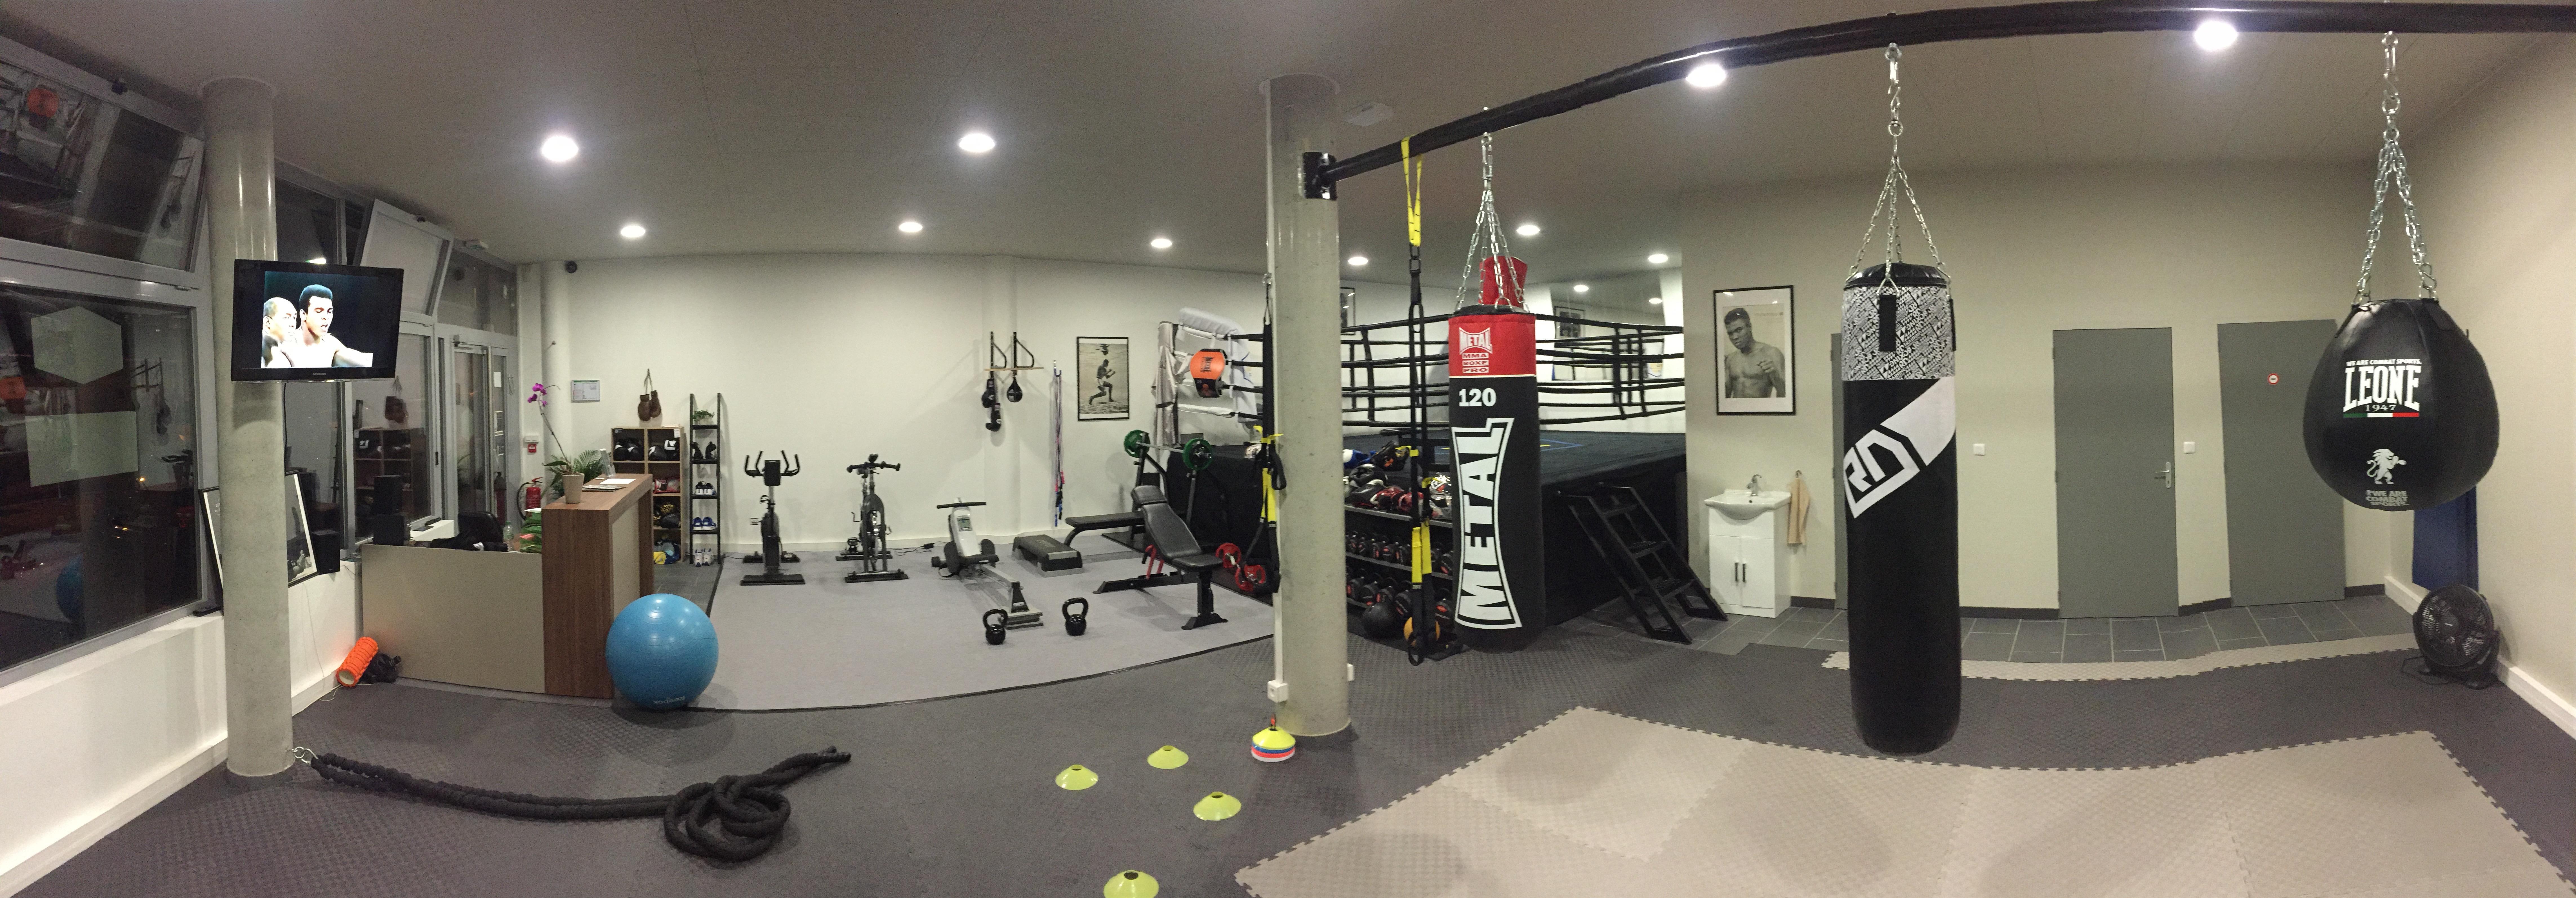 Salle De Boxe Cours Particuliers Boxe Caluire Gym Boxing